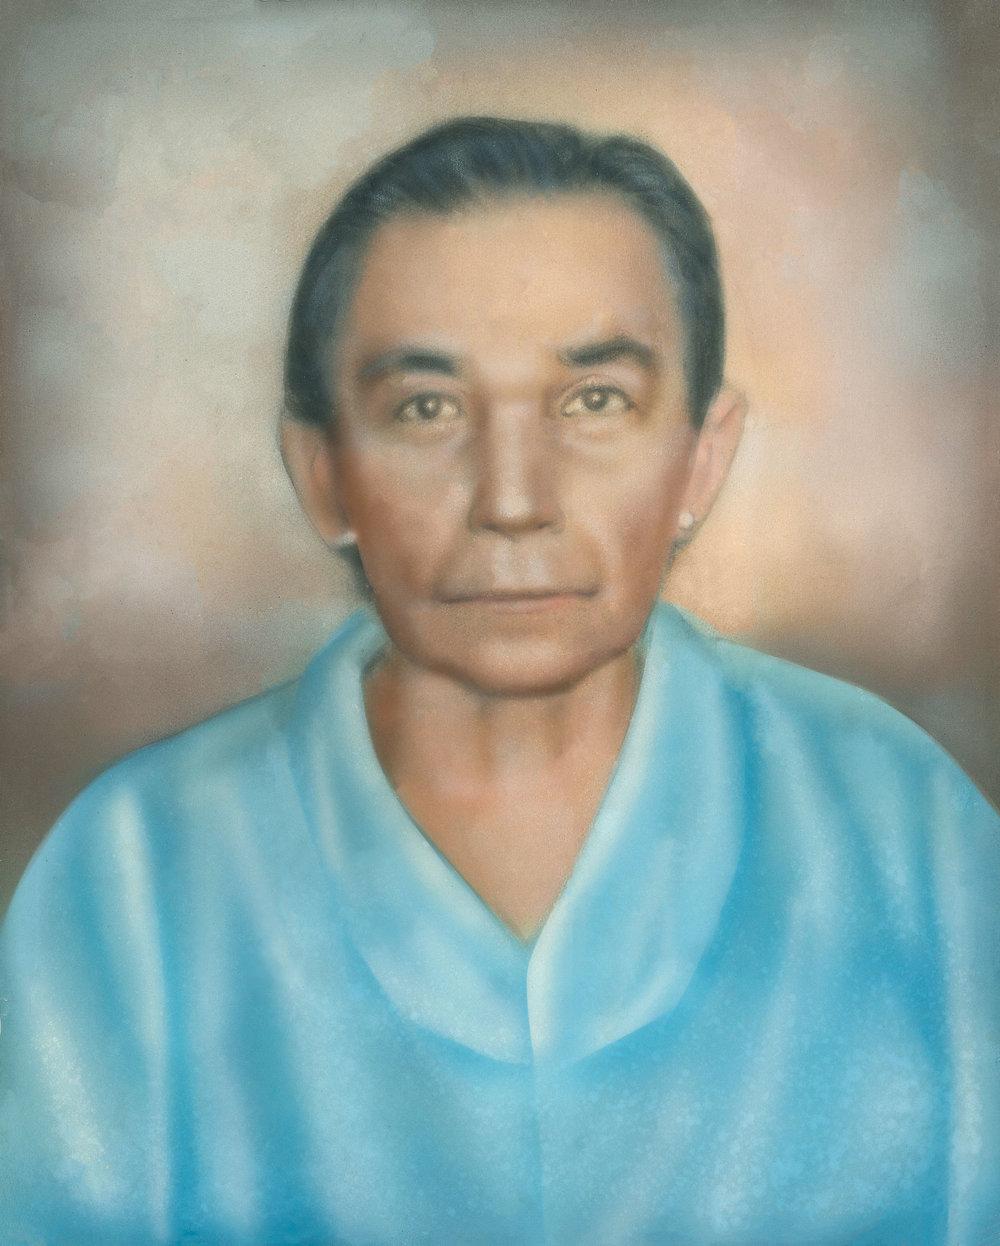 Grandma Watercolor Painting.jpg